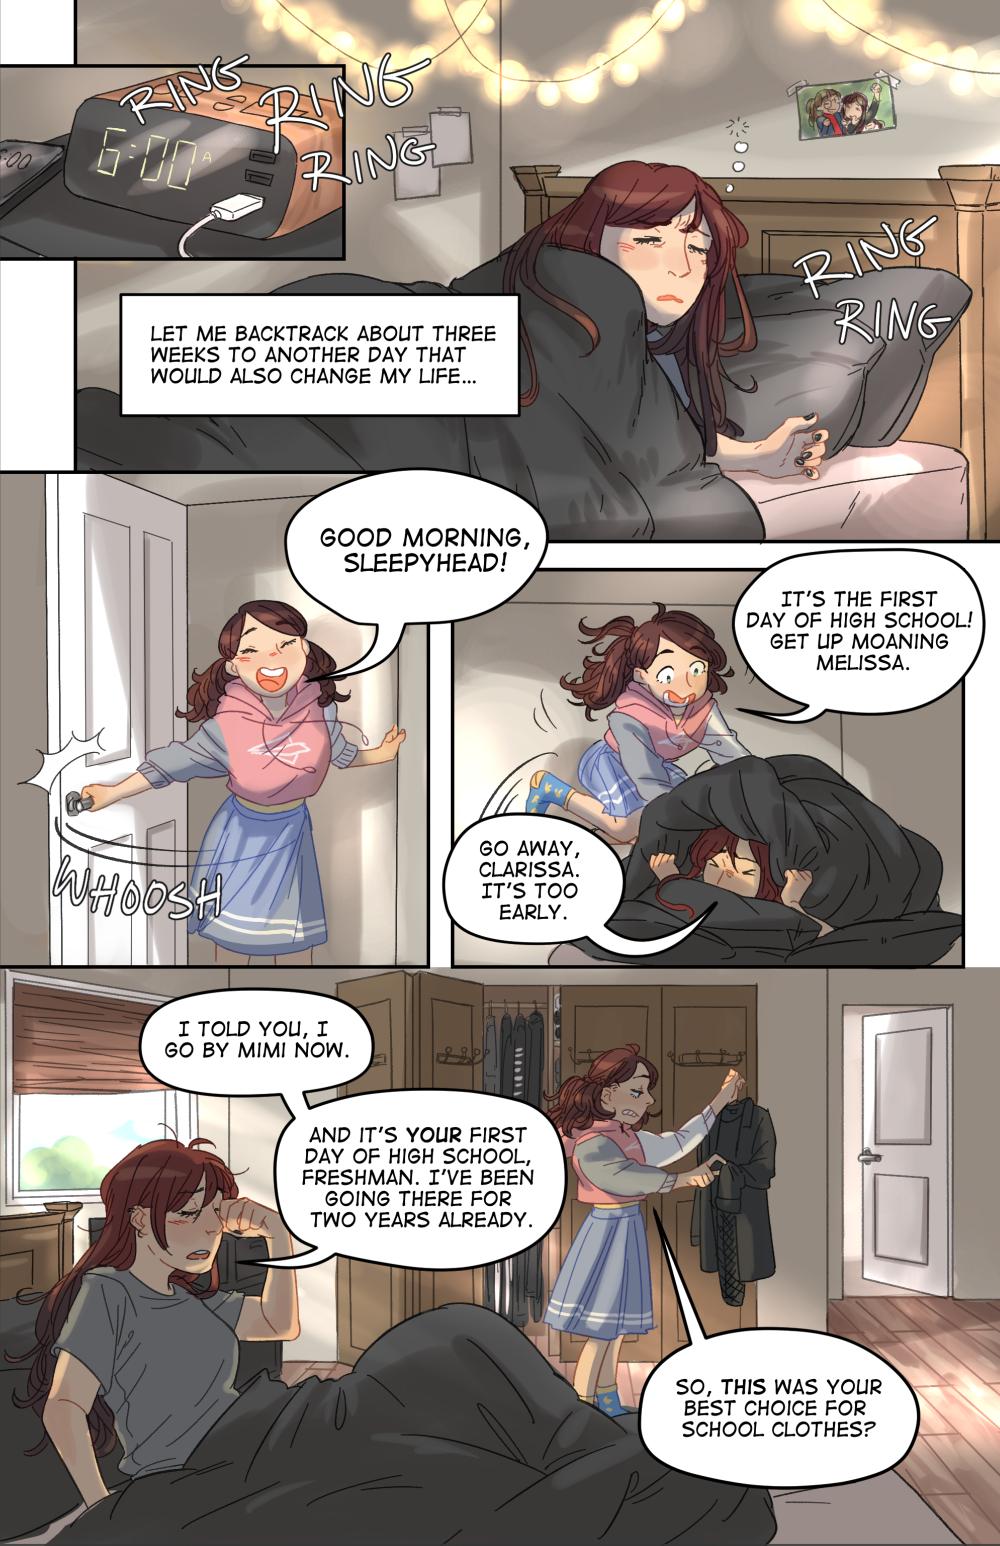 witches comic book art by deanna li written by trevor mueller